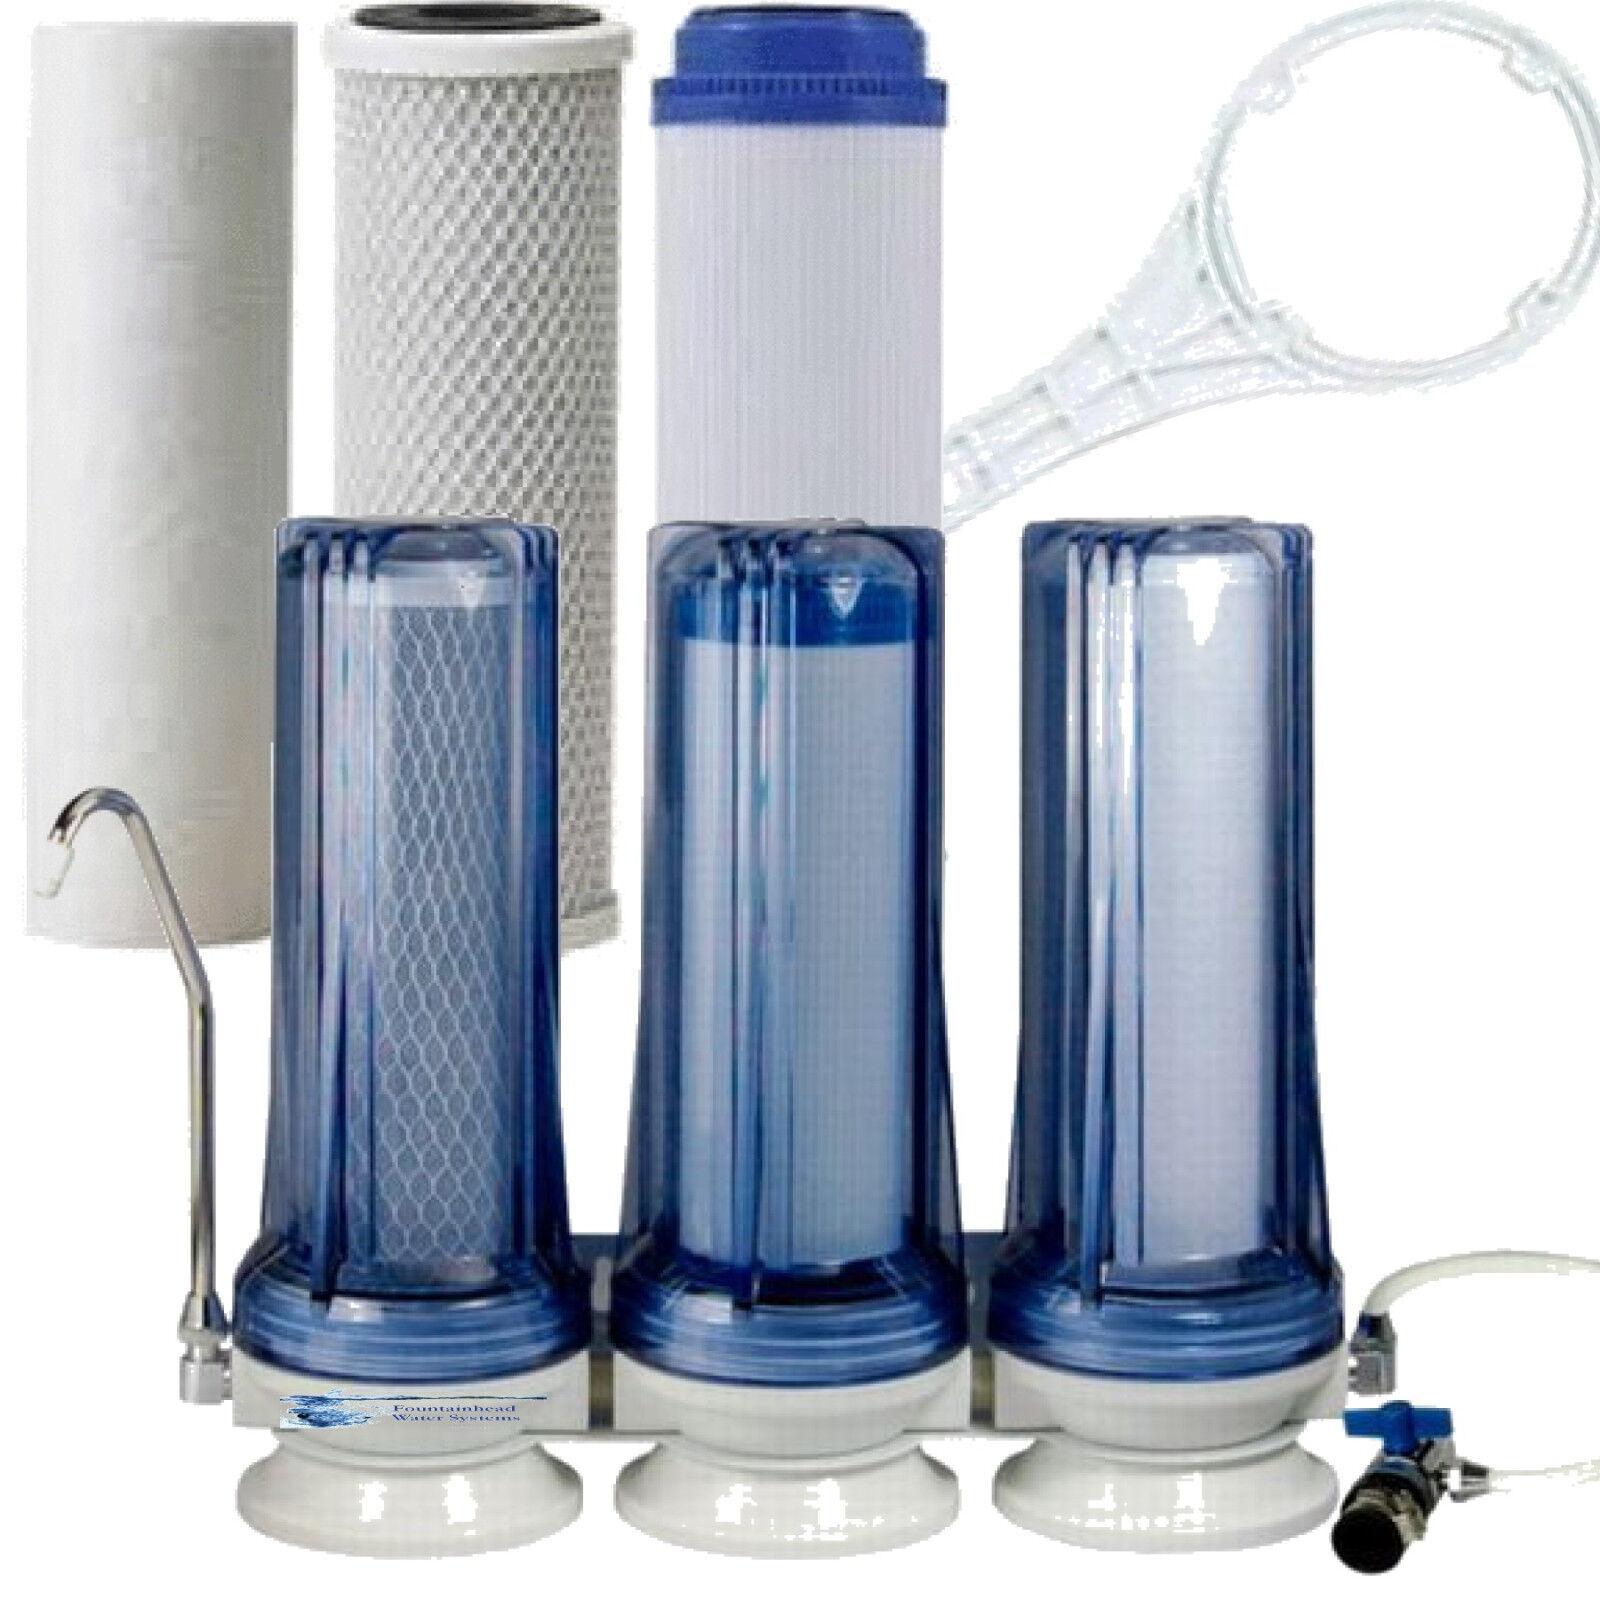 FOUNTAINHEAD 3 étape Comptoir Filtre à eau claire des Sédiments Fluorure carbone